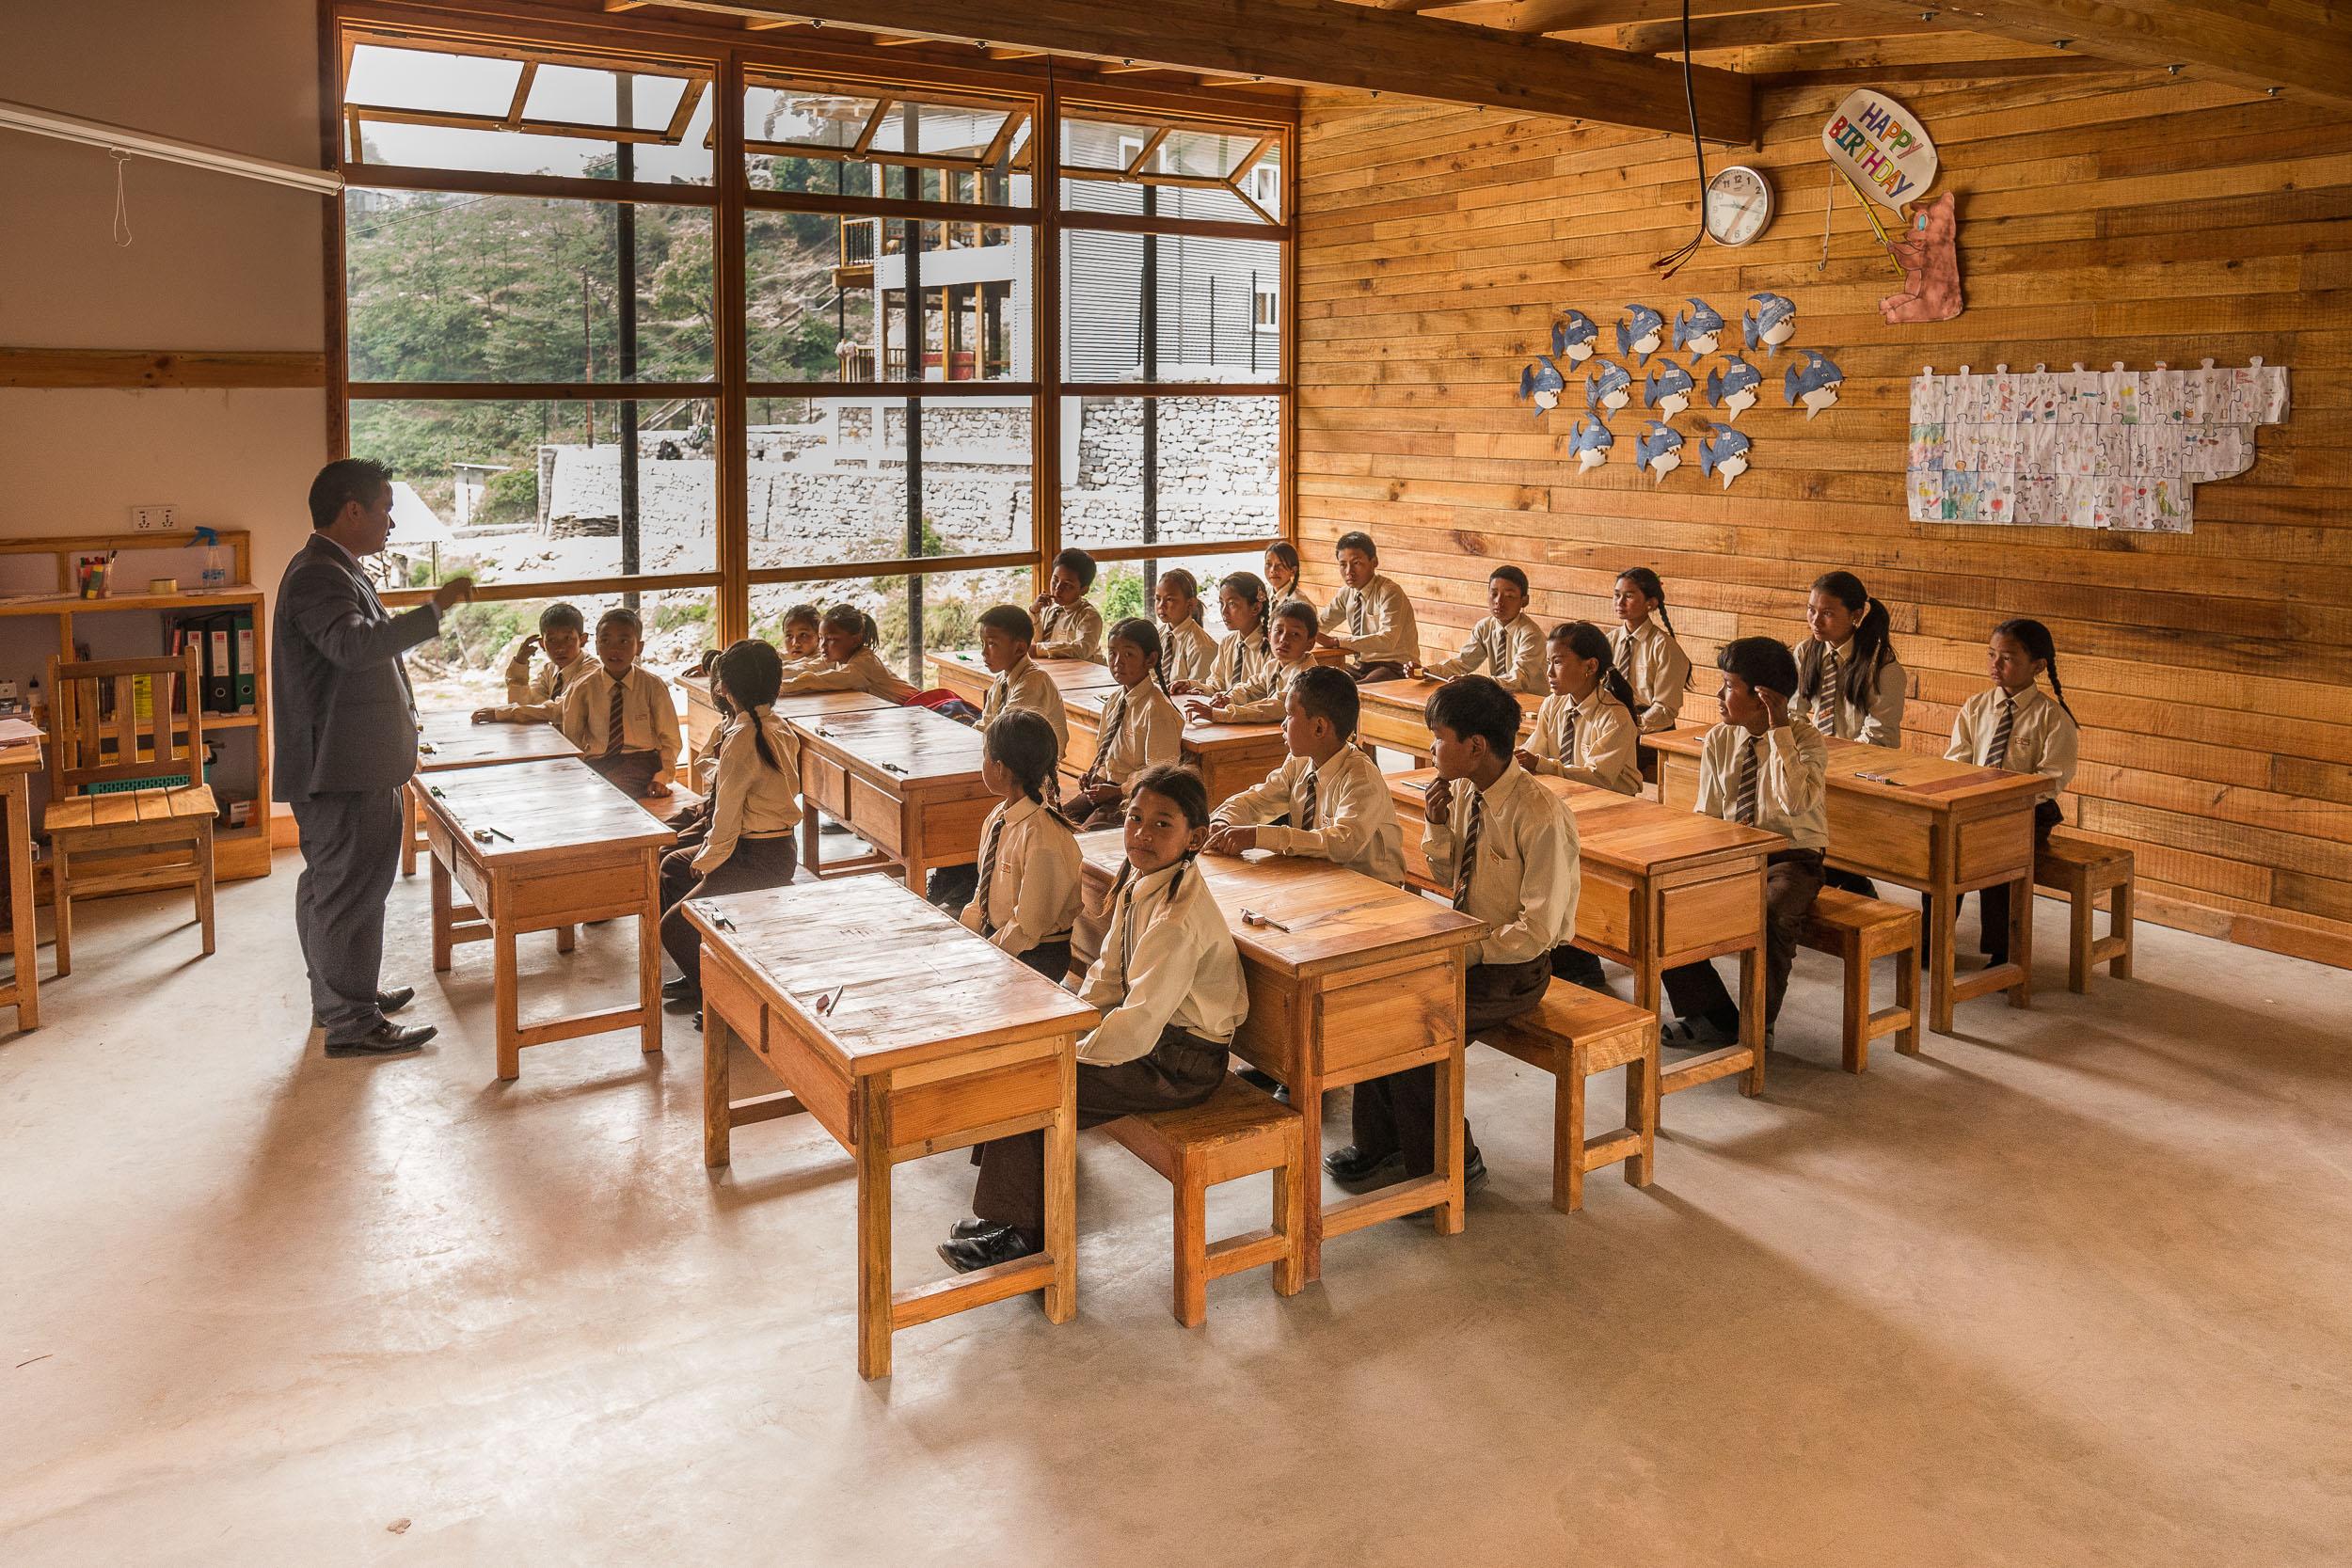 yangri academic center, ein projekt von himalayanlife ngo schweiz und kanada